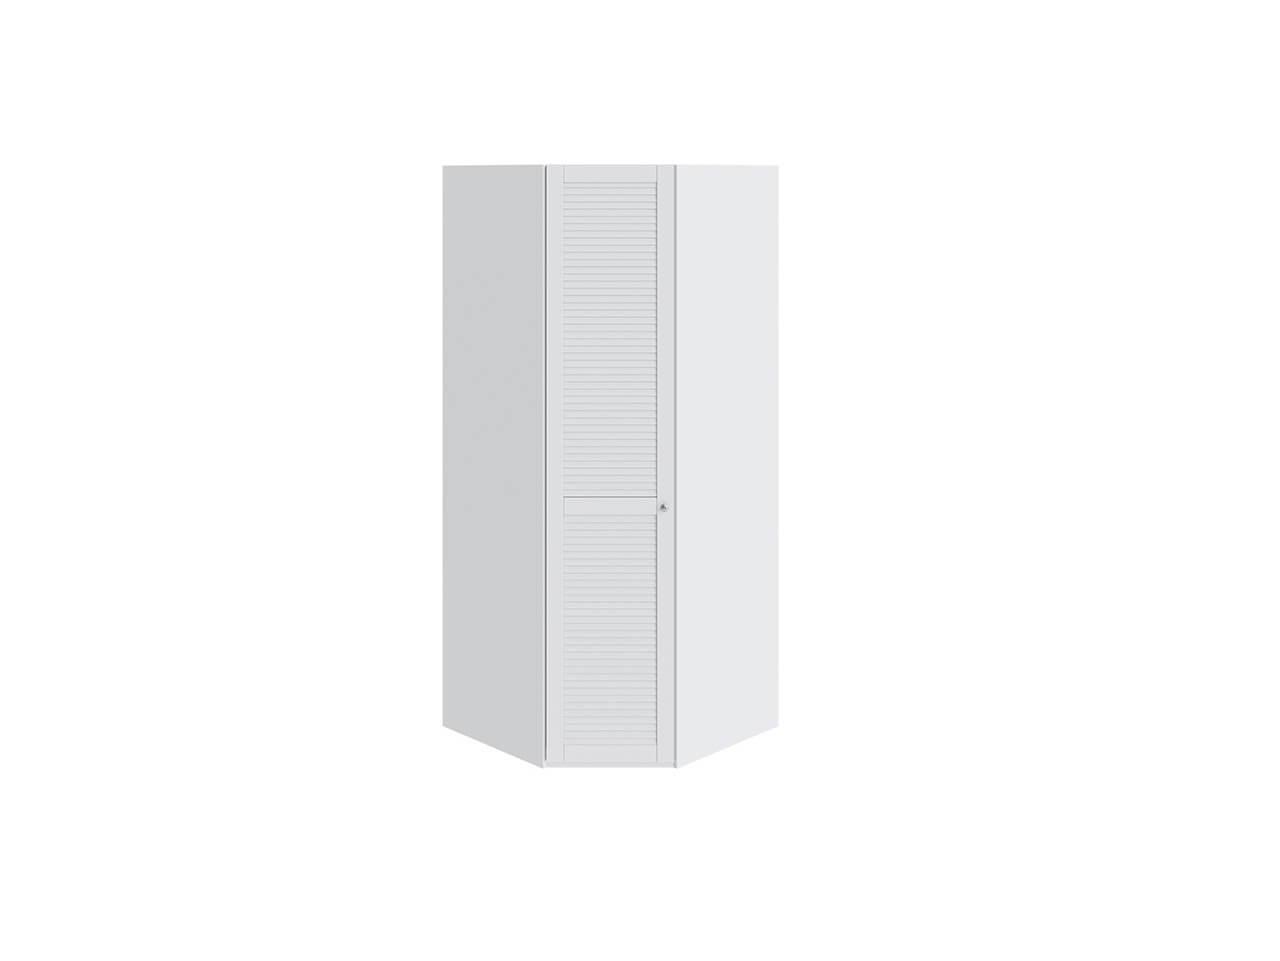 Шкаф угловой с 1-ой дверью левый Ривьера СМ 241-23-003L 764х764х2111